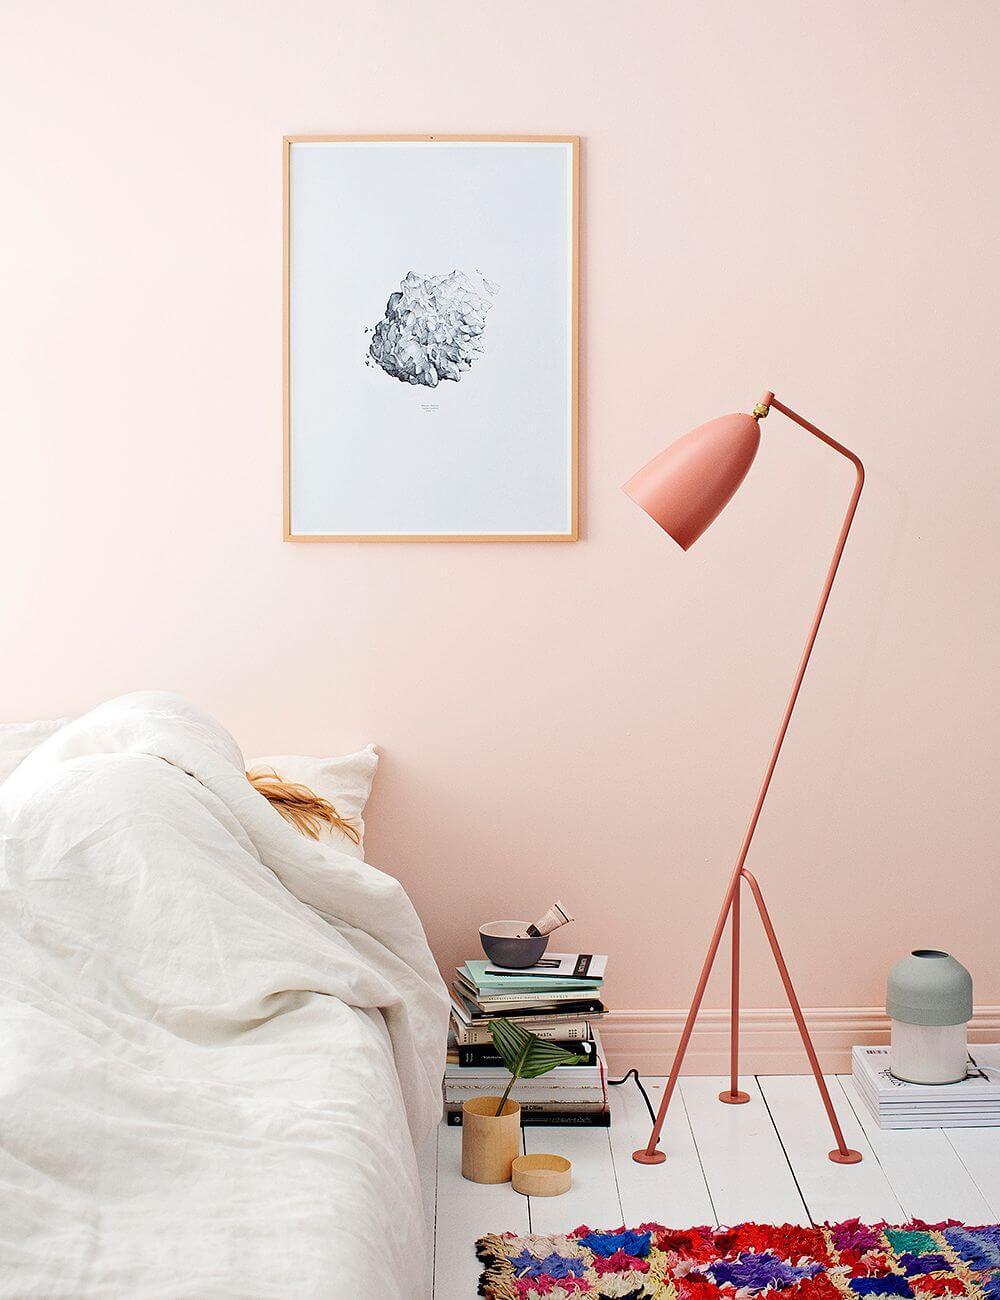 subtle-pink-bedroom-grasshopper-lamp-color-trends-2022-nordroom